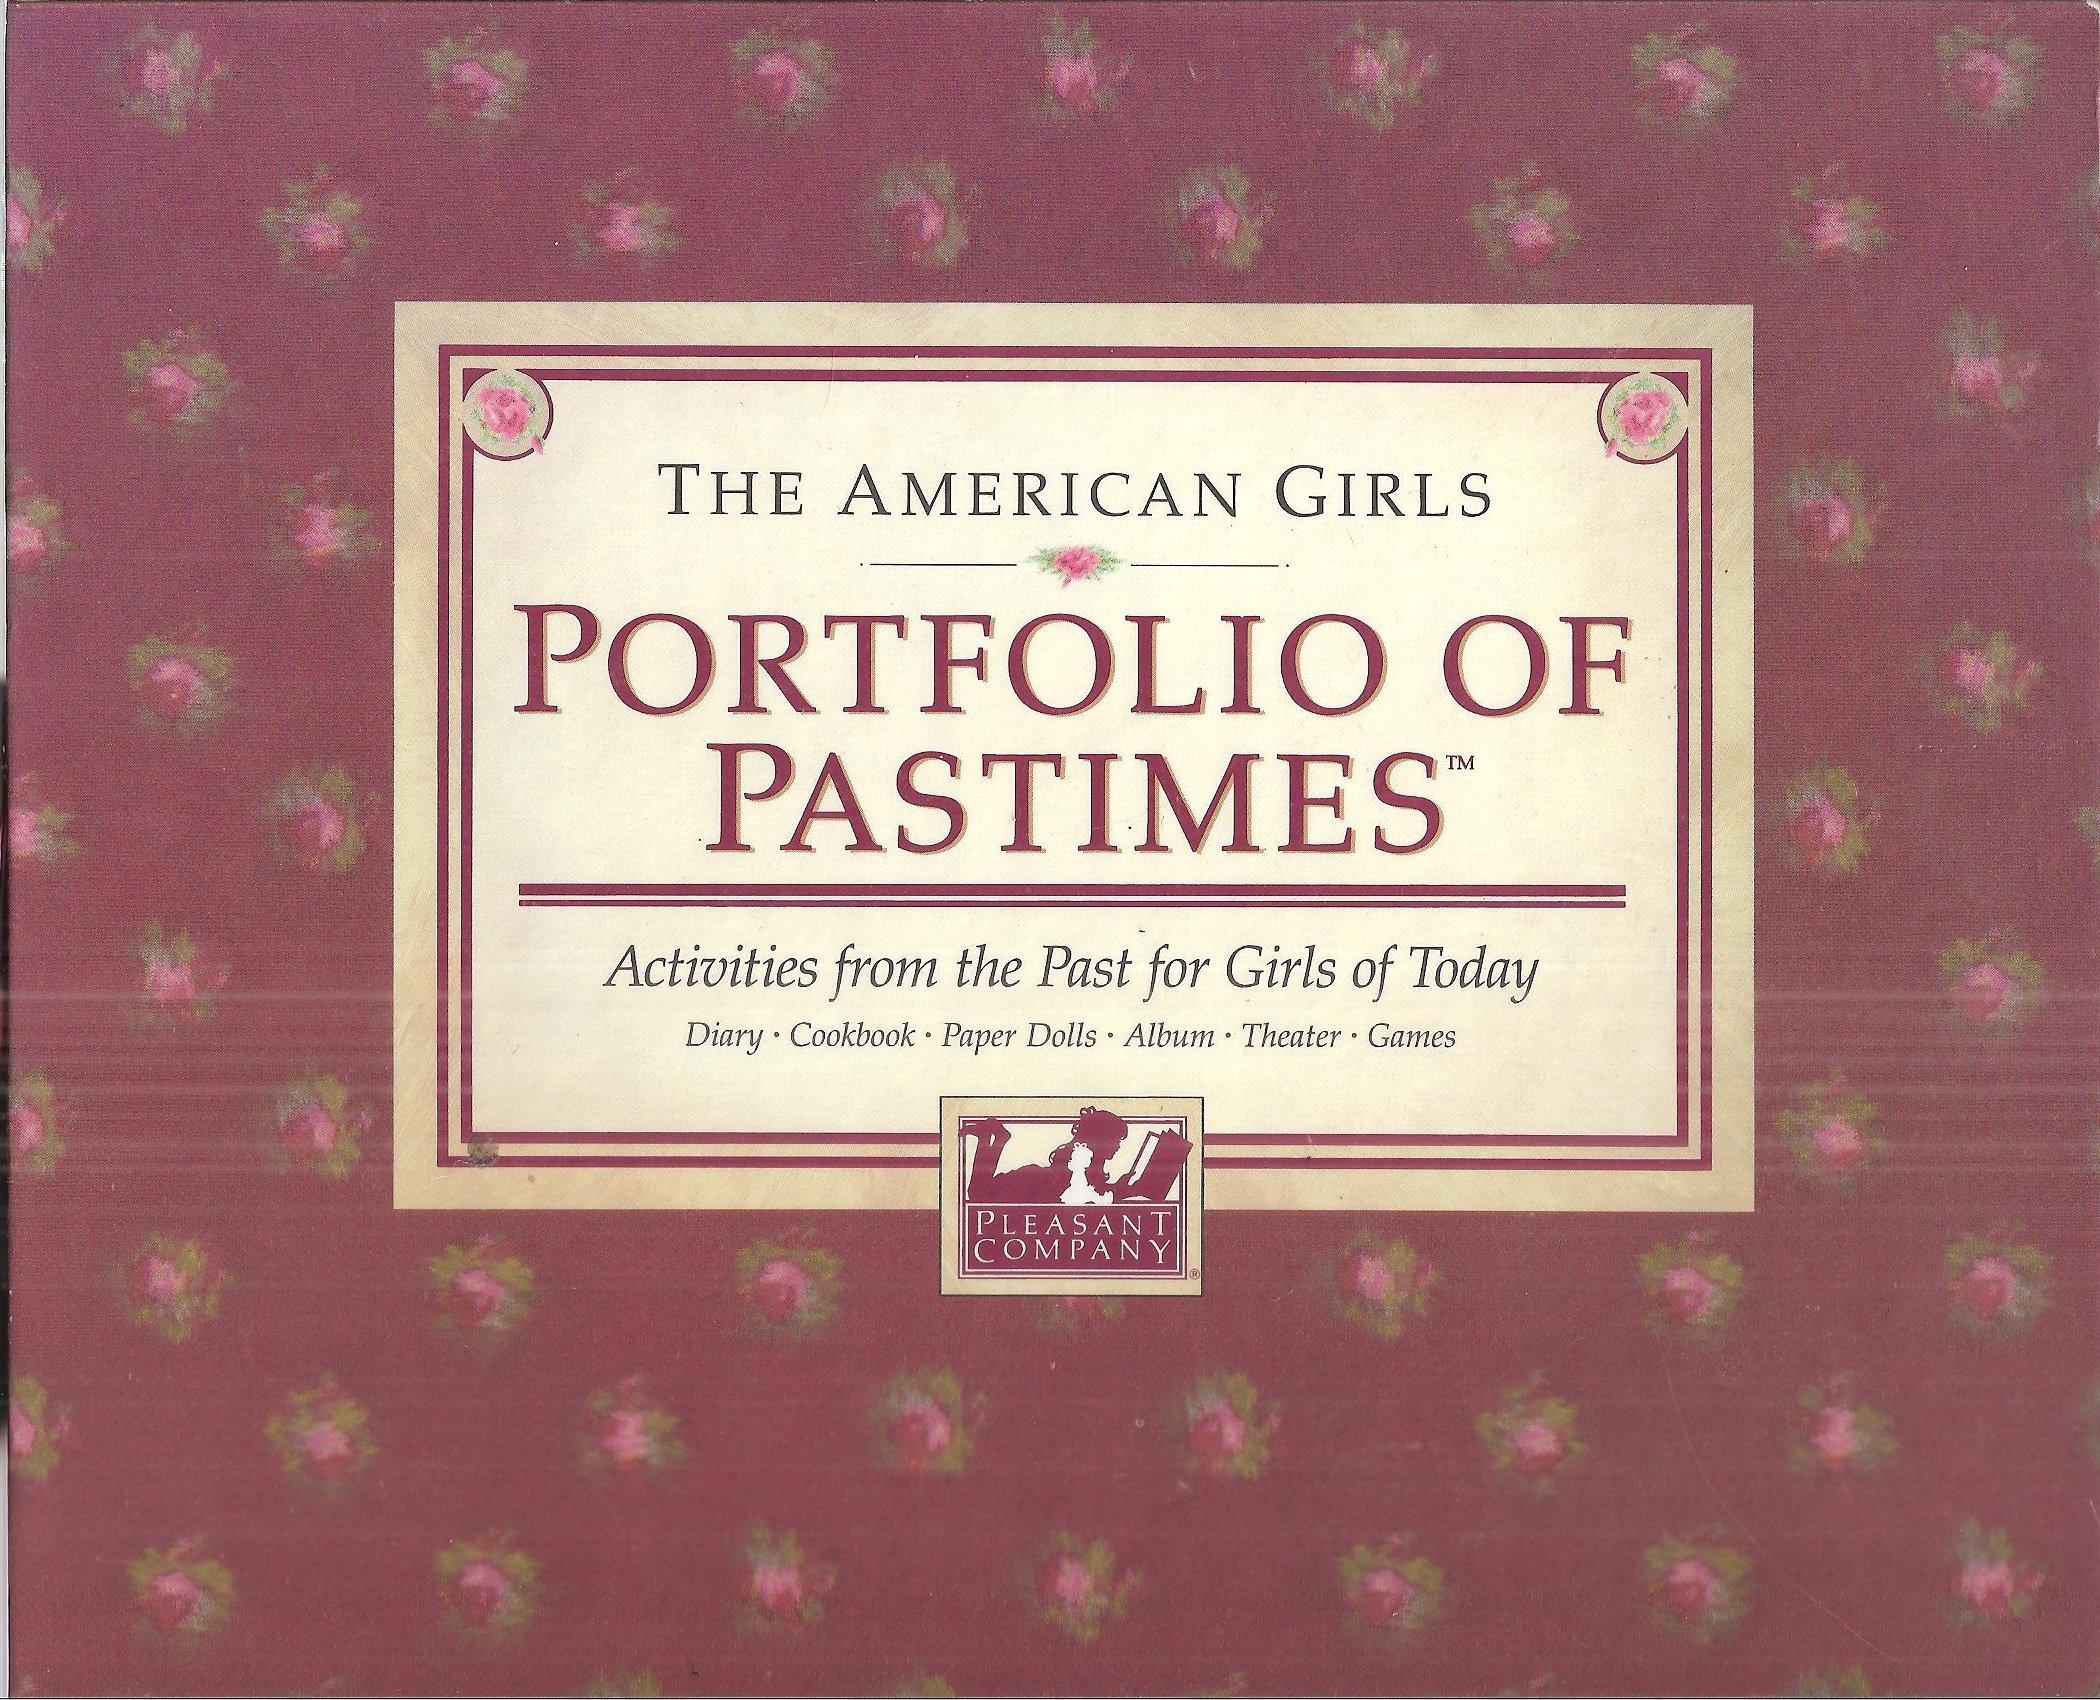 PortfolioPastimes.jpg